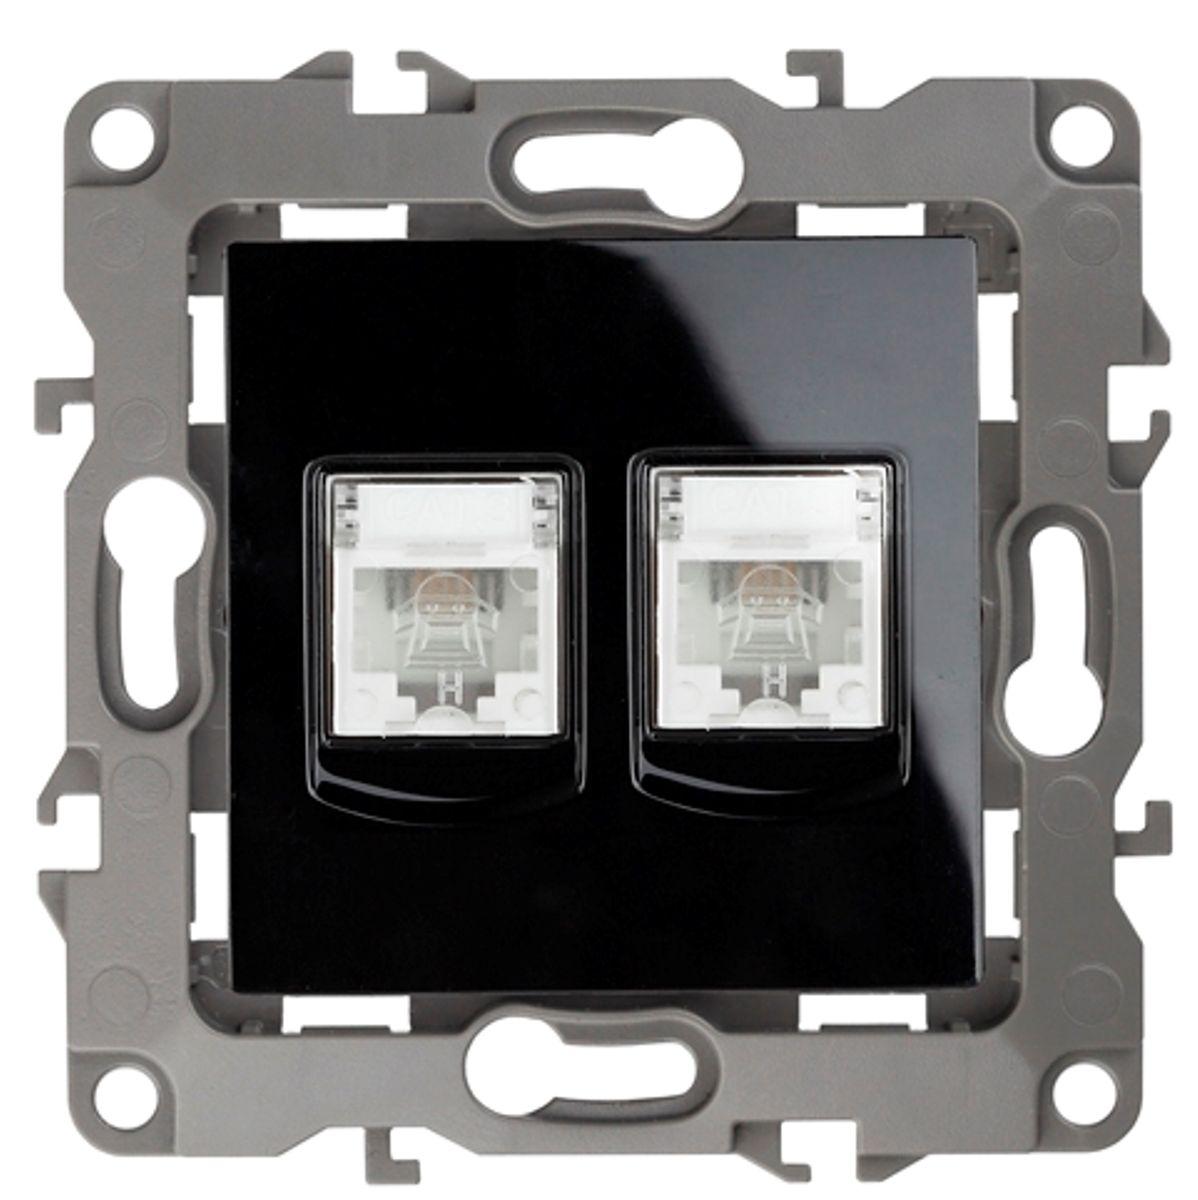 Розетка телефонная Эра, двойная, цвет: черный12-3106-06Двойная телефонная розетка Эра скрытой установки, категории 3, имеет бронзовые контакты, фиксаторы модулей и защитные прозрачные крышки. Предназначена для установки в телекоммуникационных сетях и служит для подсоединения внешних устройств (телефон, факс и прочее). Автоматические зажимы кабеля обеспечивают быстрый и надежный монтаж изделия к электросети без отвертки и не требуют обслуживания в отличие от винтовых зажимов.